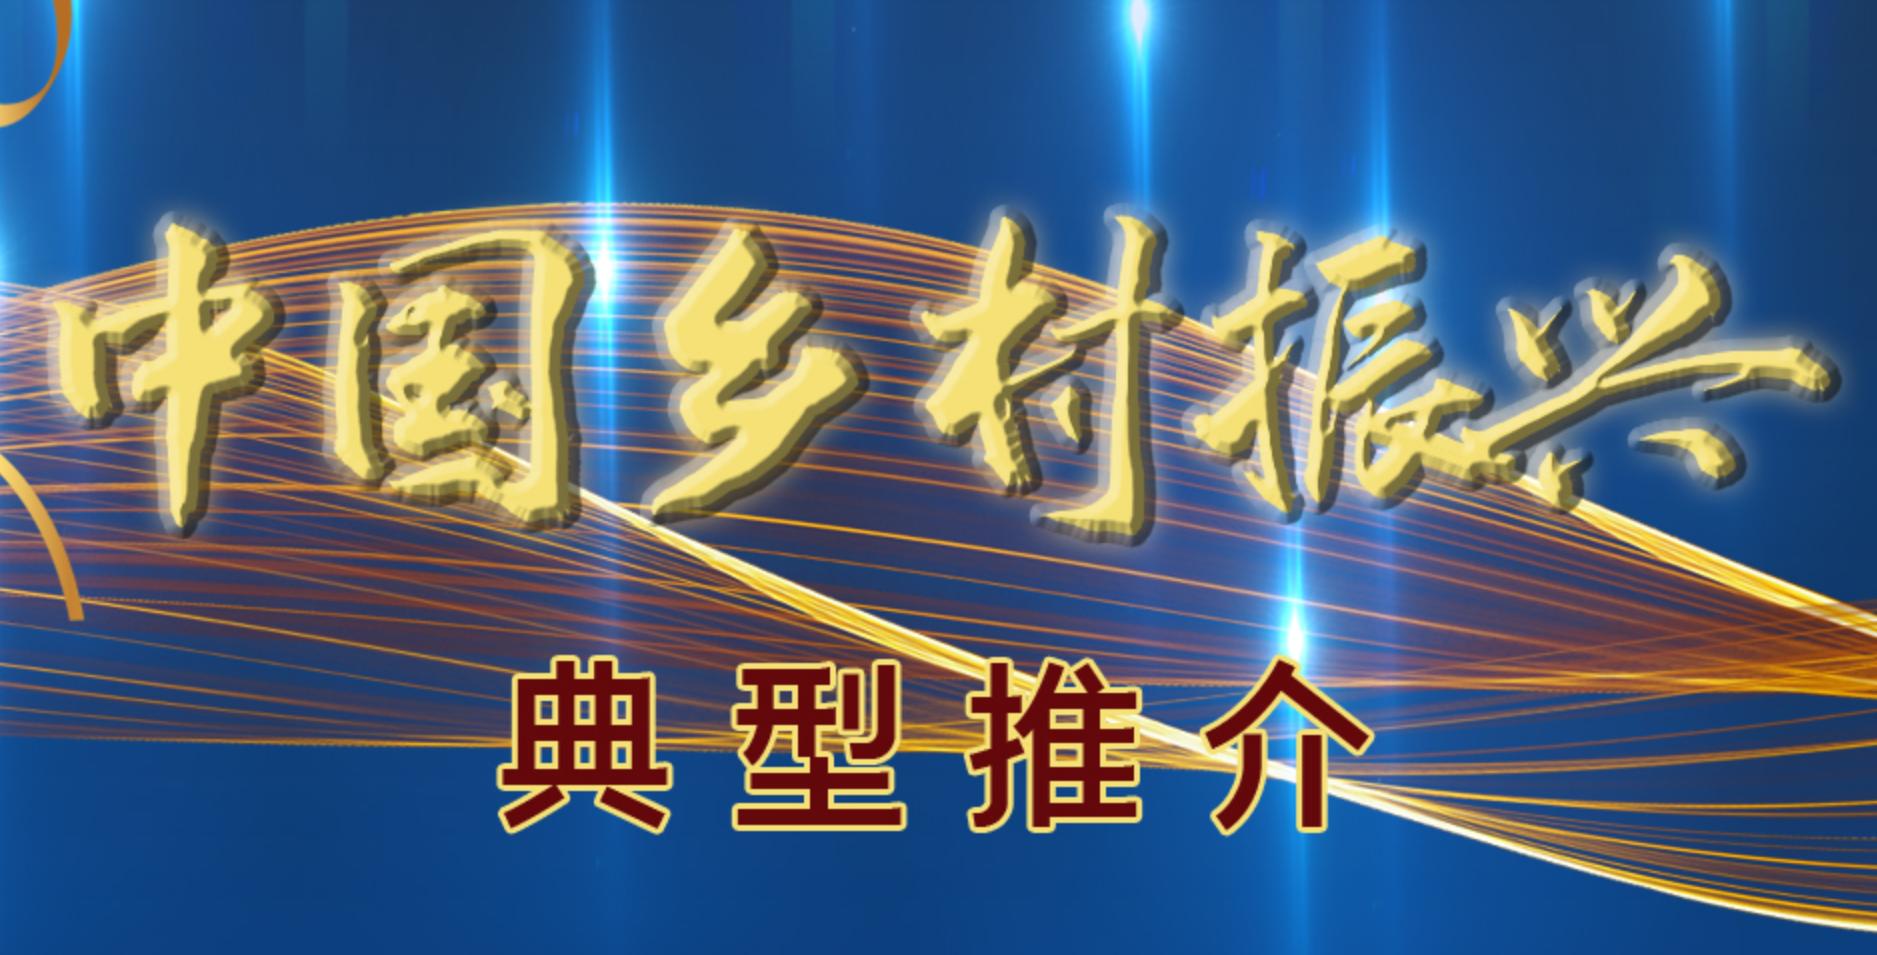 中国乡村振兴典型推介